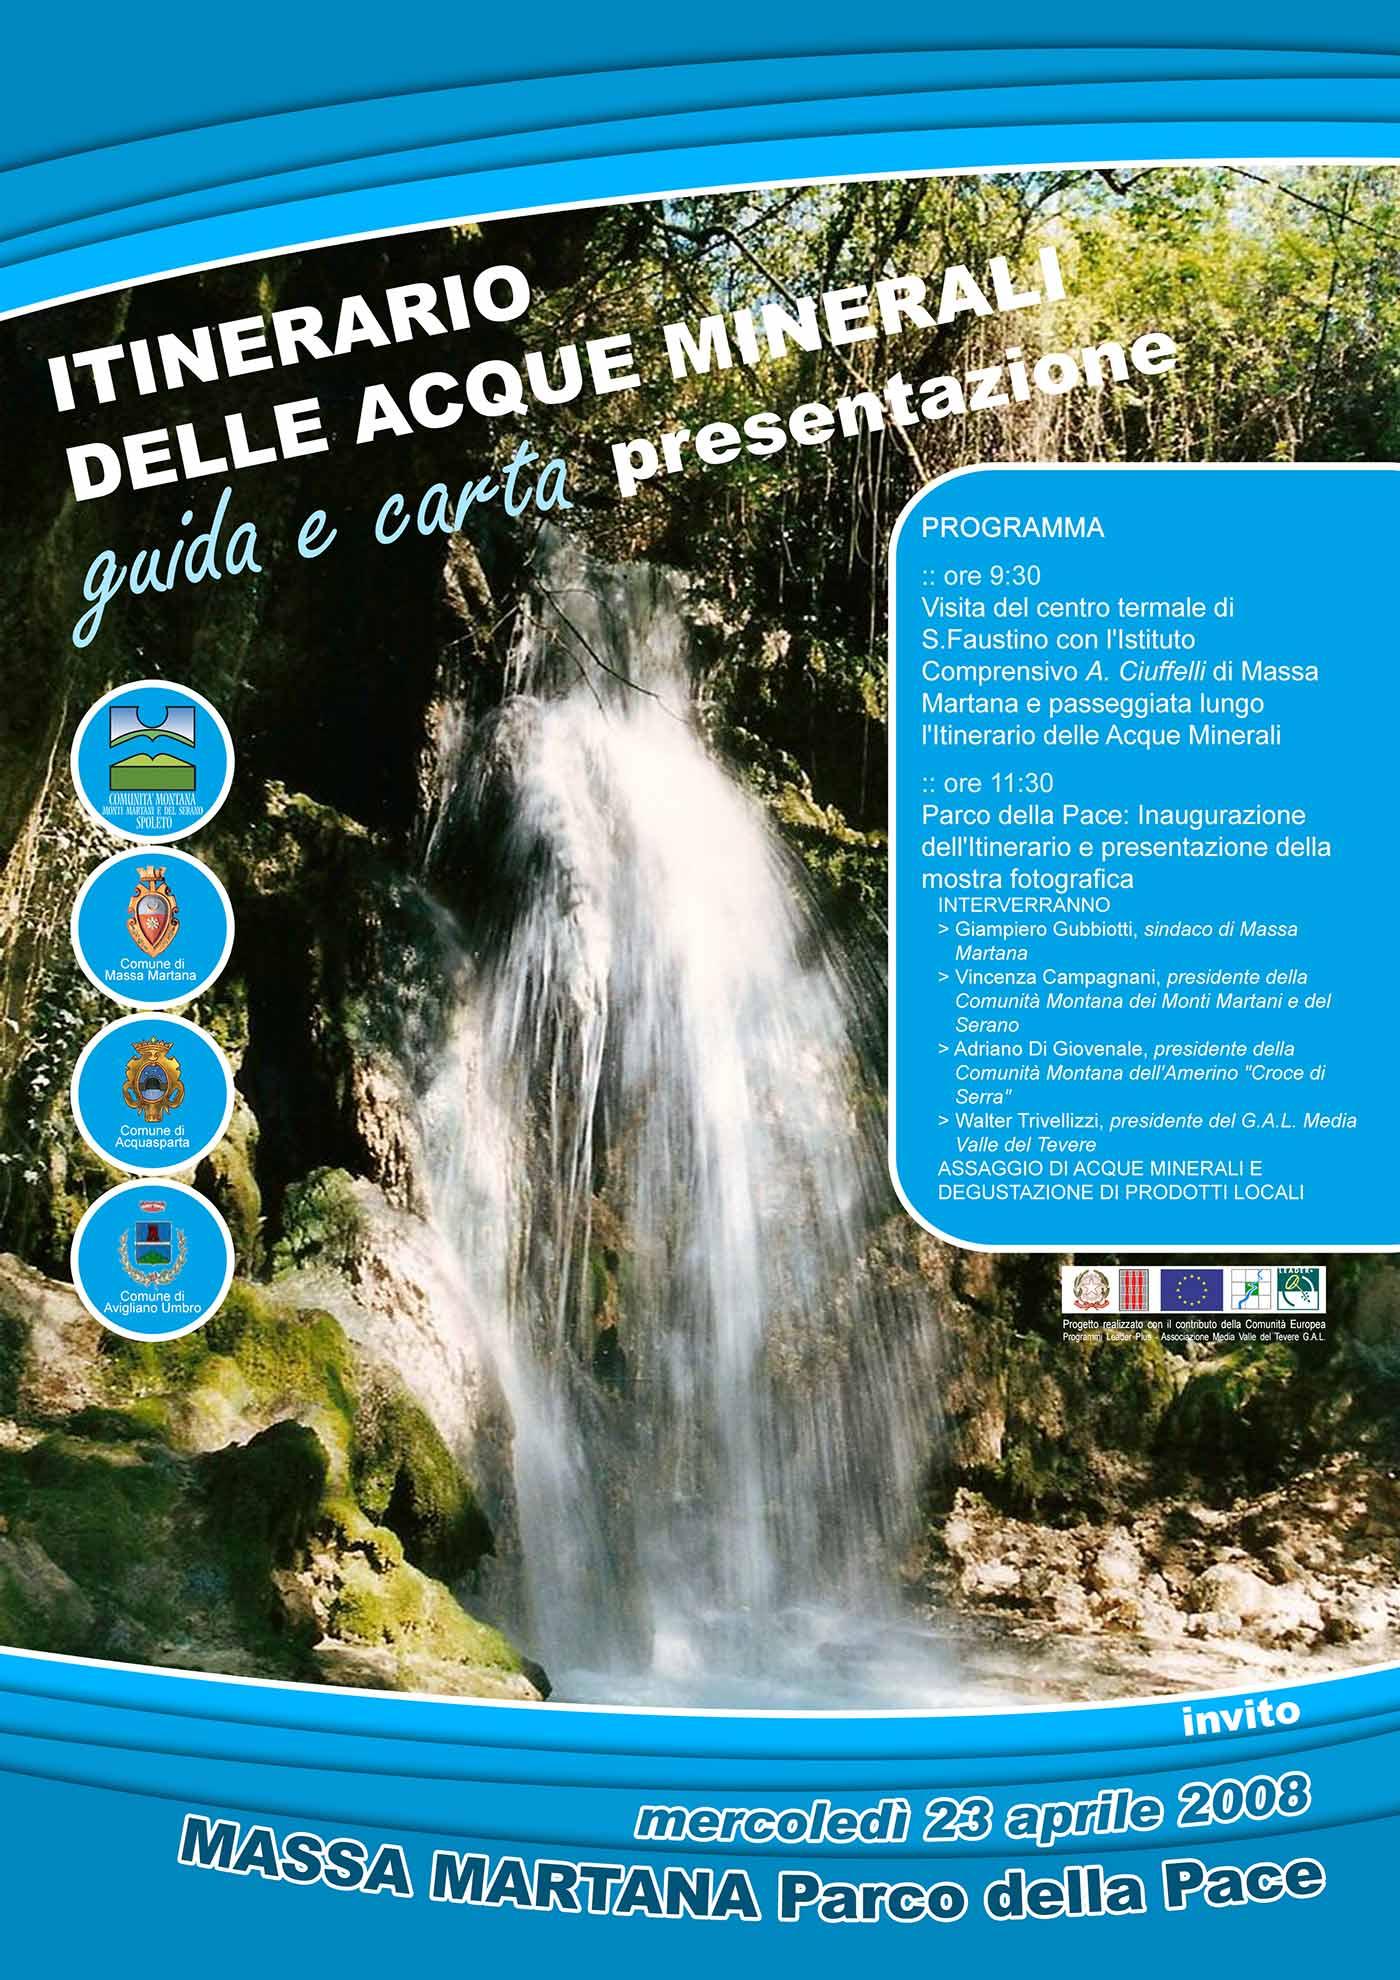 Invito-Acque-Minerali-Massa-Martana-2008